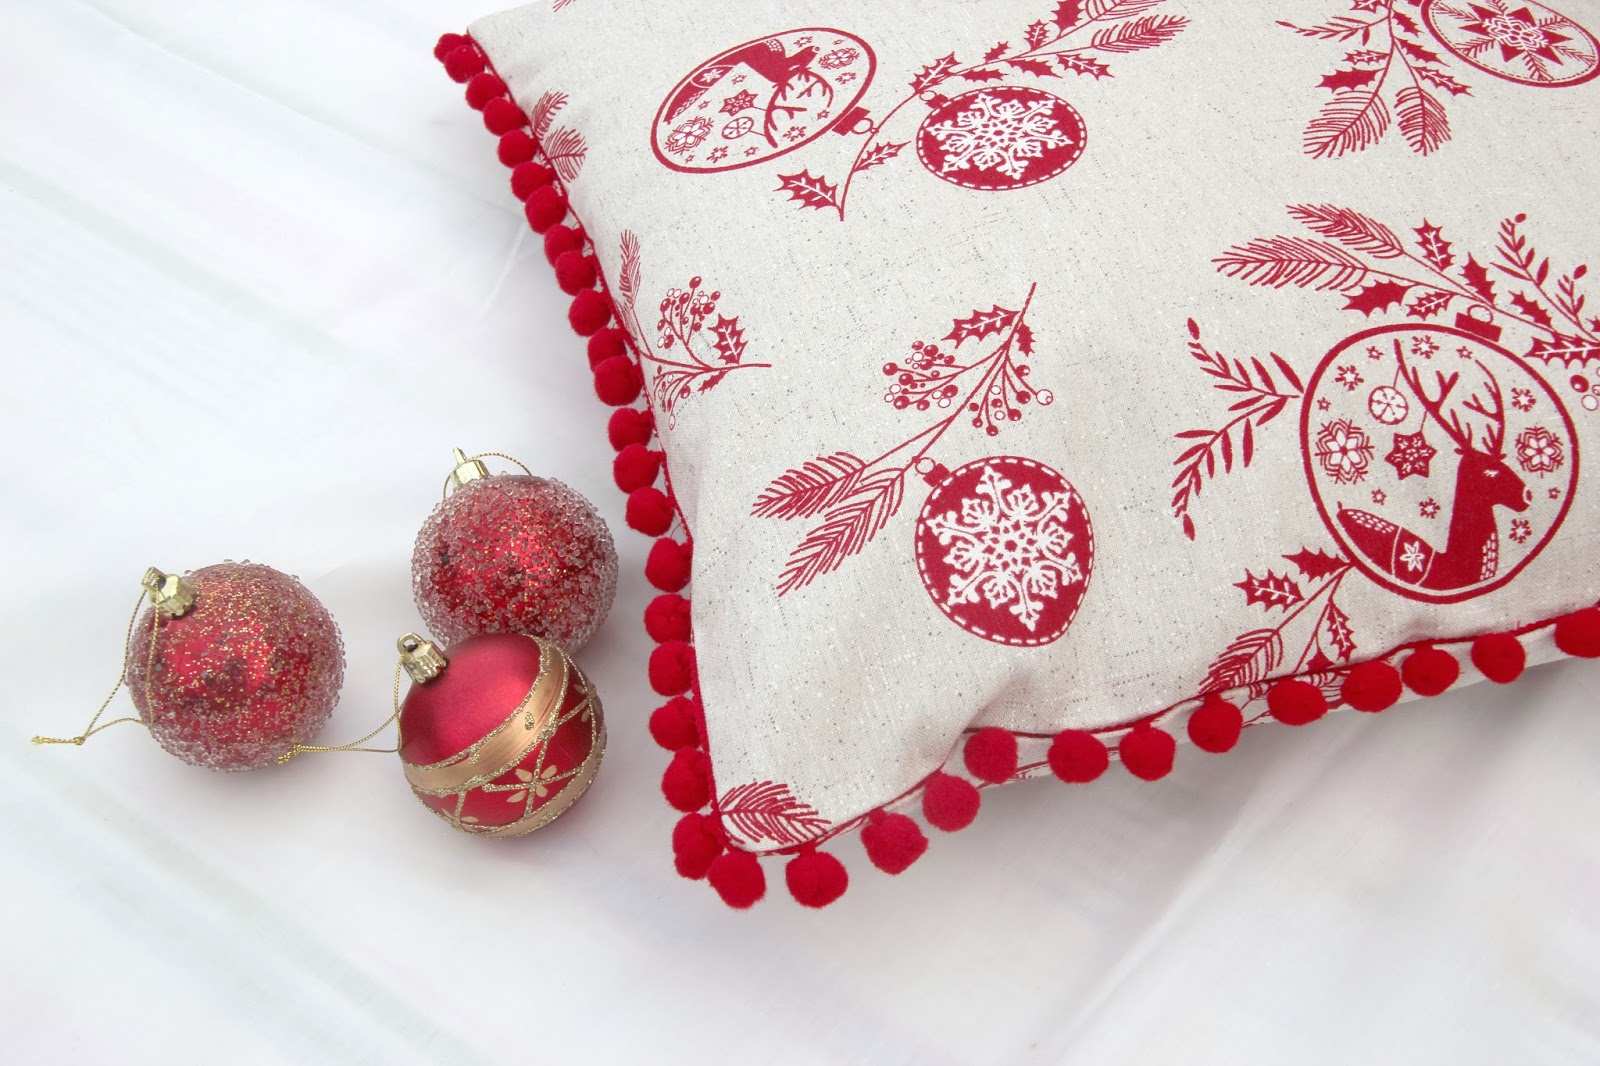 Diy navidad c mo hacer cojines para decorar tu casa en - Decorar cojines con fieltro ...